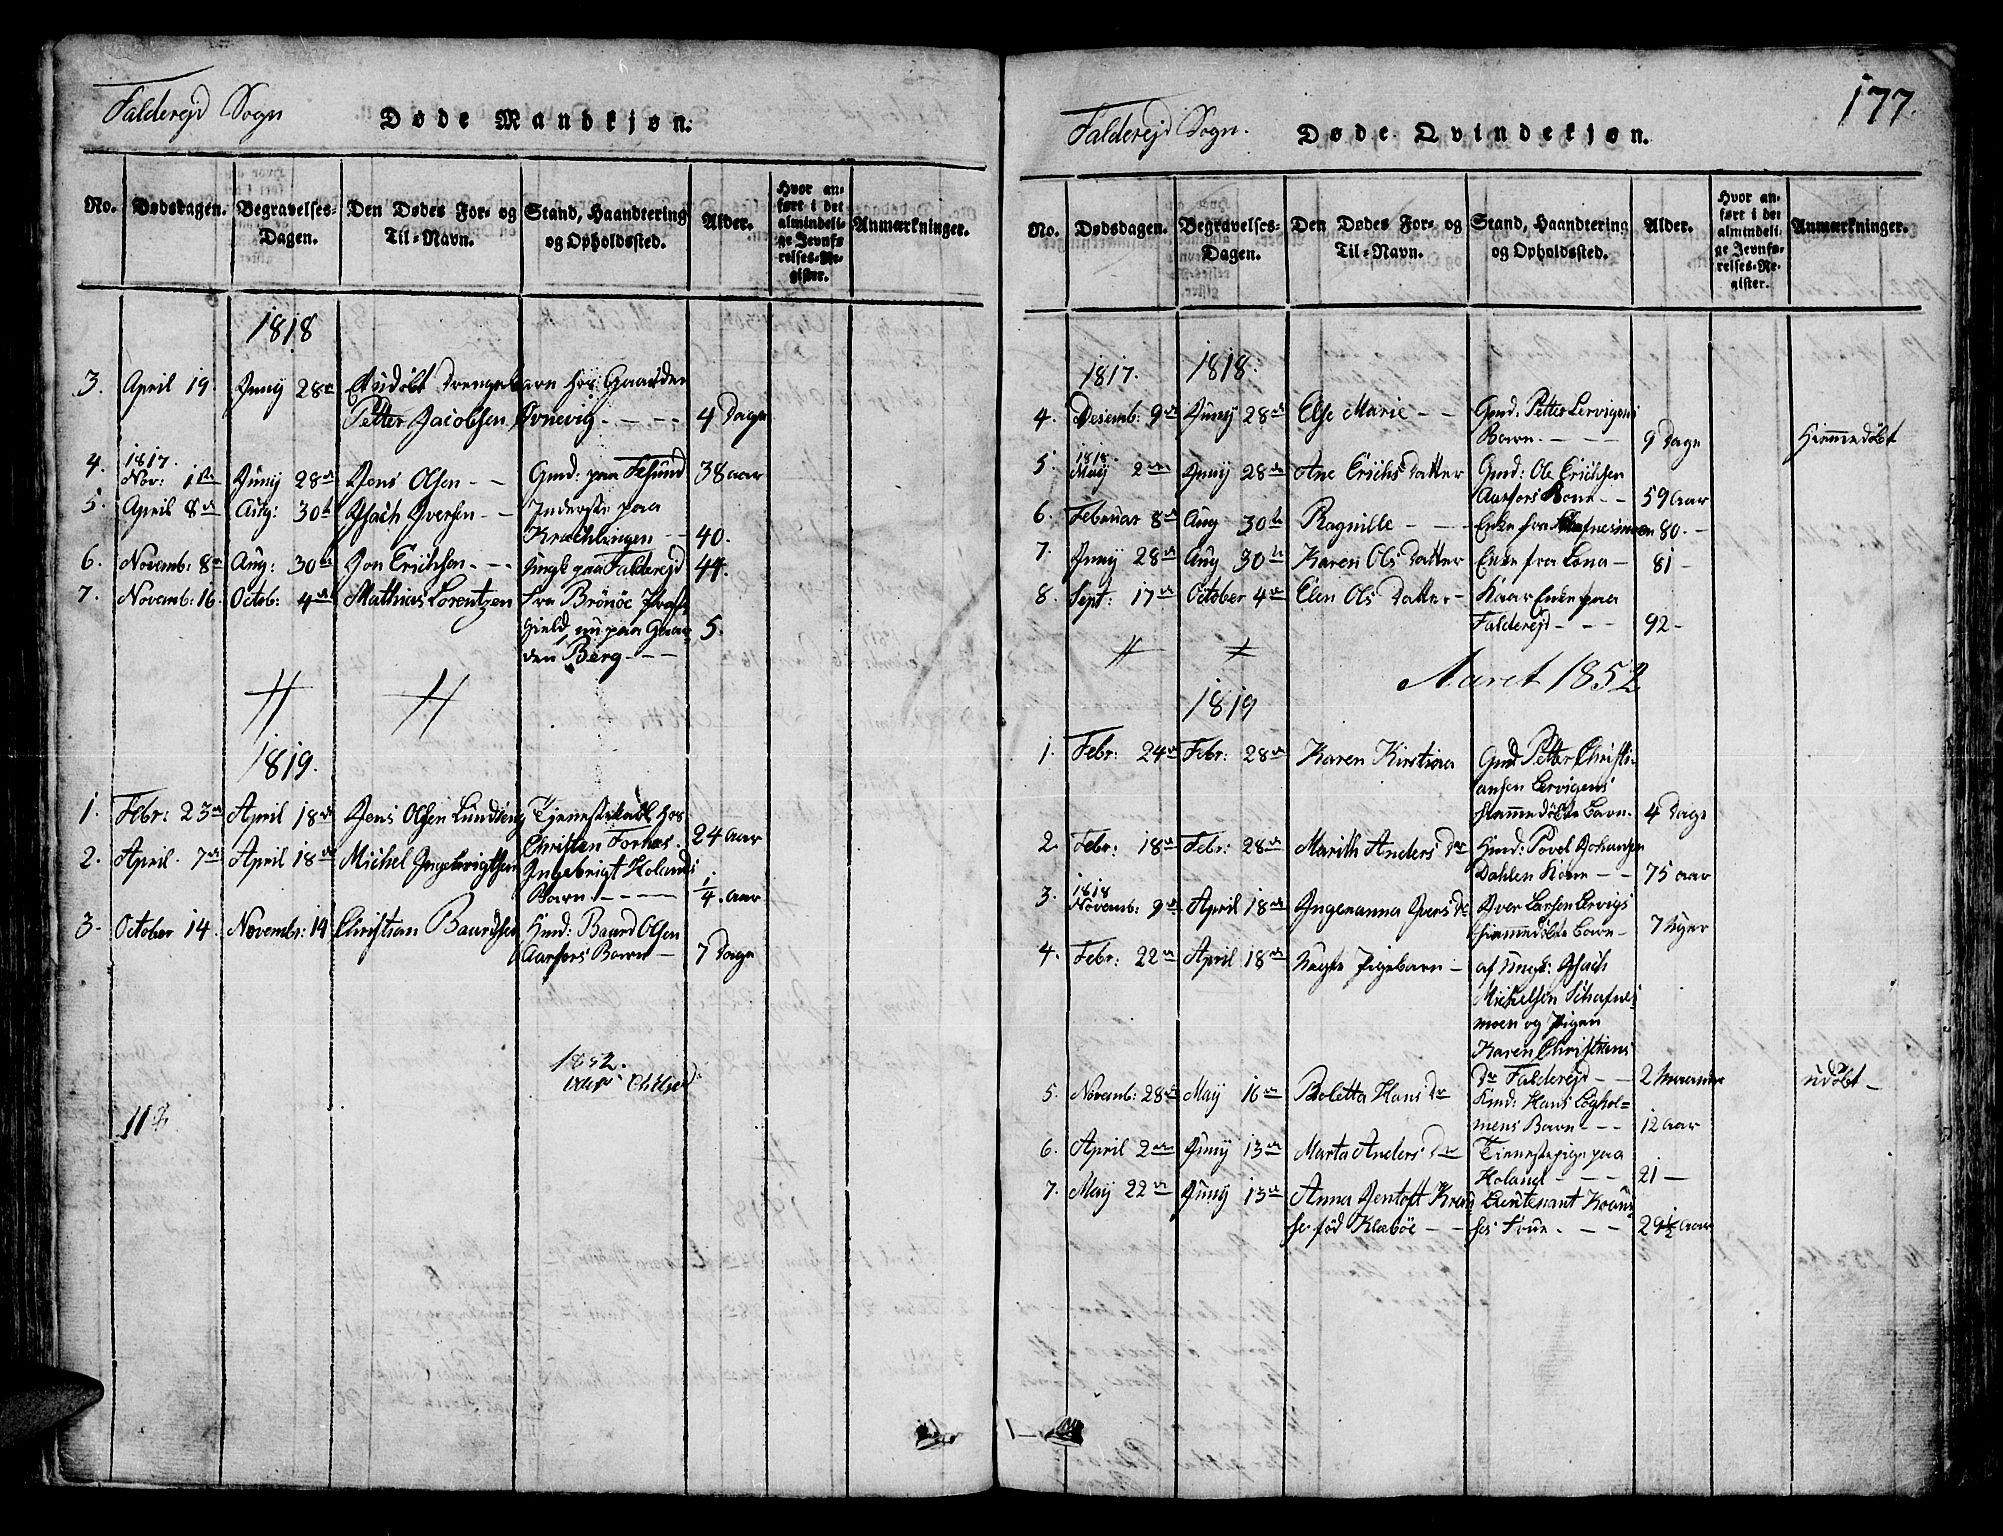 SAT, Ministerialprotokoller, klokkerbøker og fødselsregistre - Nord-Trøndelag, 780/L0648: Klokkerbok nr. 780C01 /3, 1815-1877, s. 177